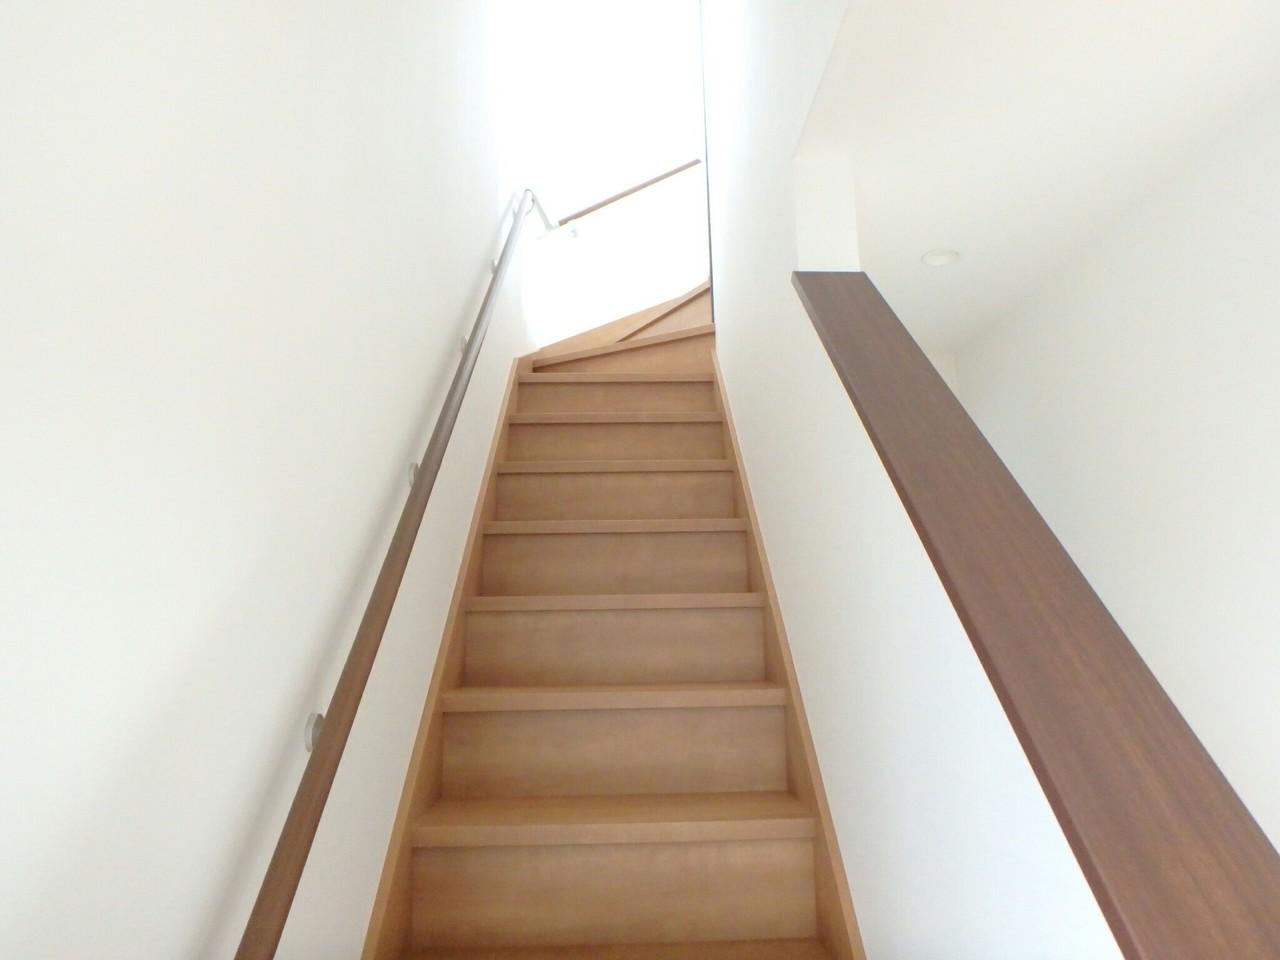 手すり付きの曲がり階段なので安全にも配慮されていますね。